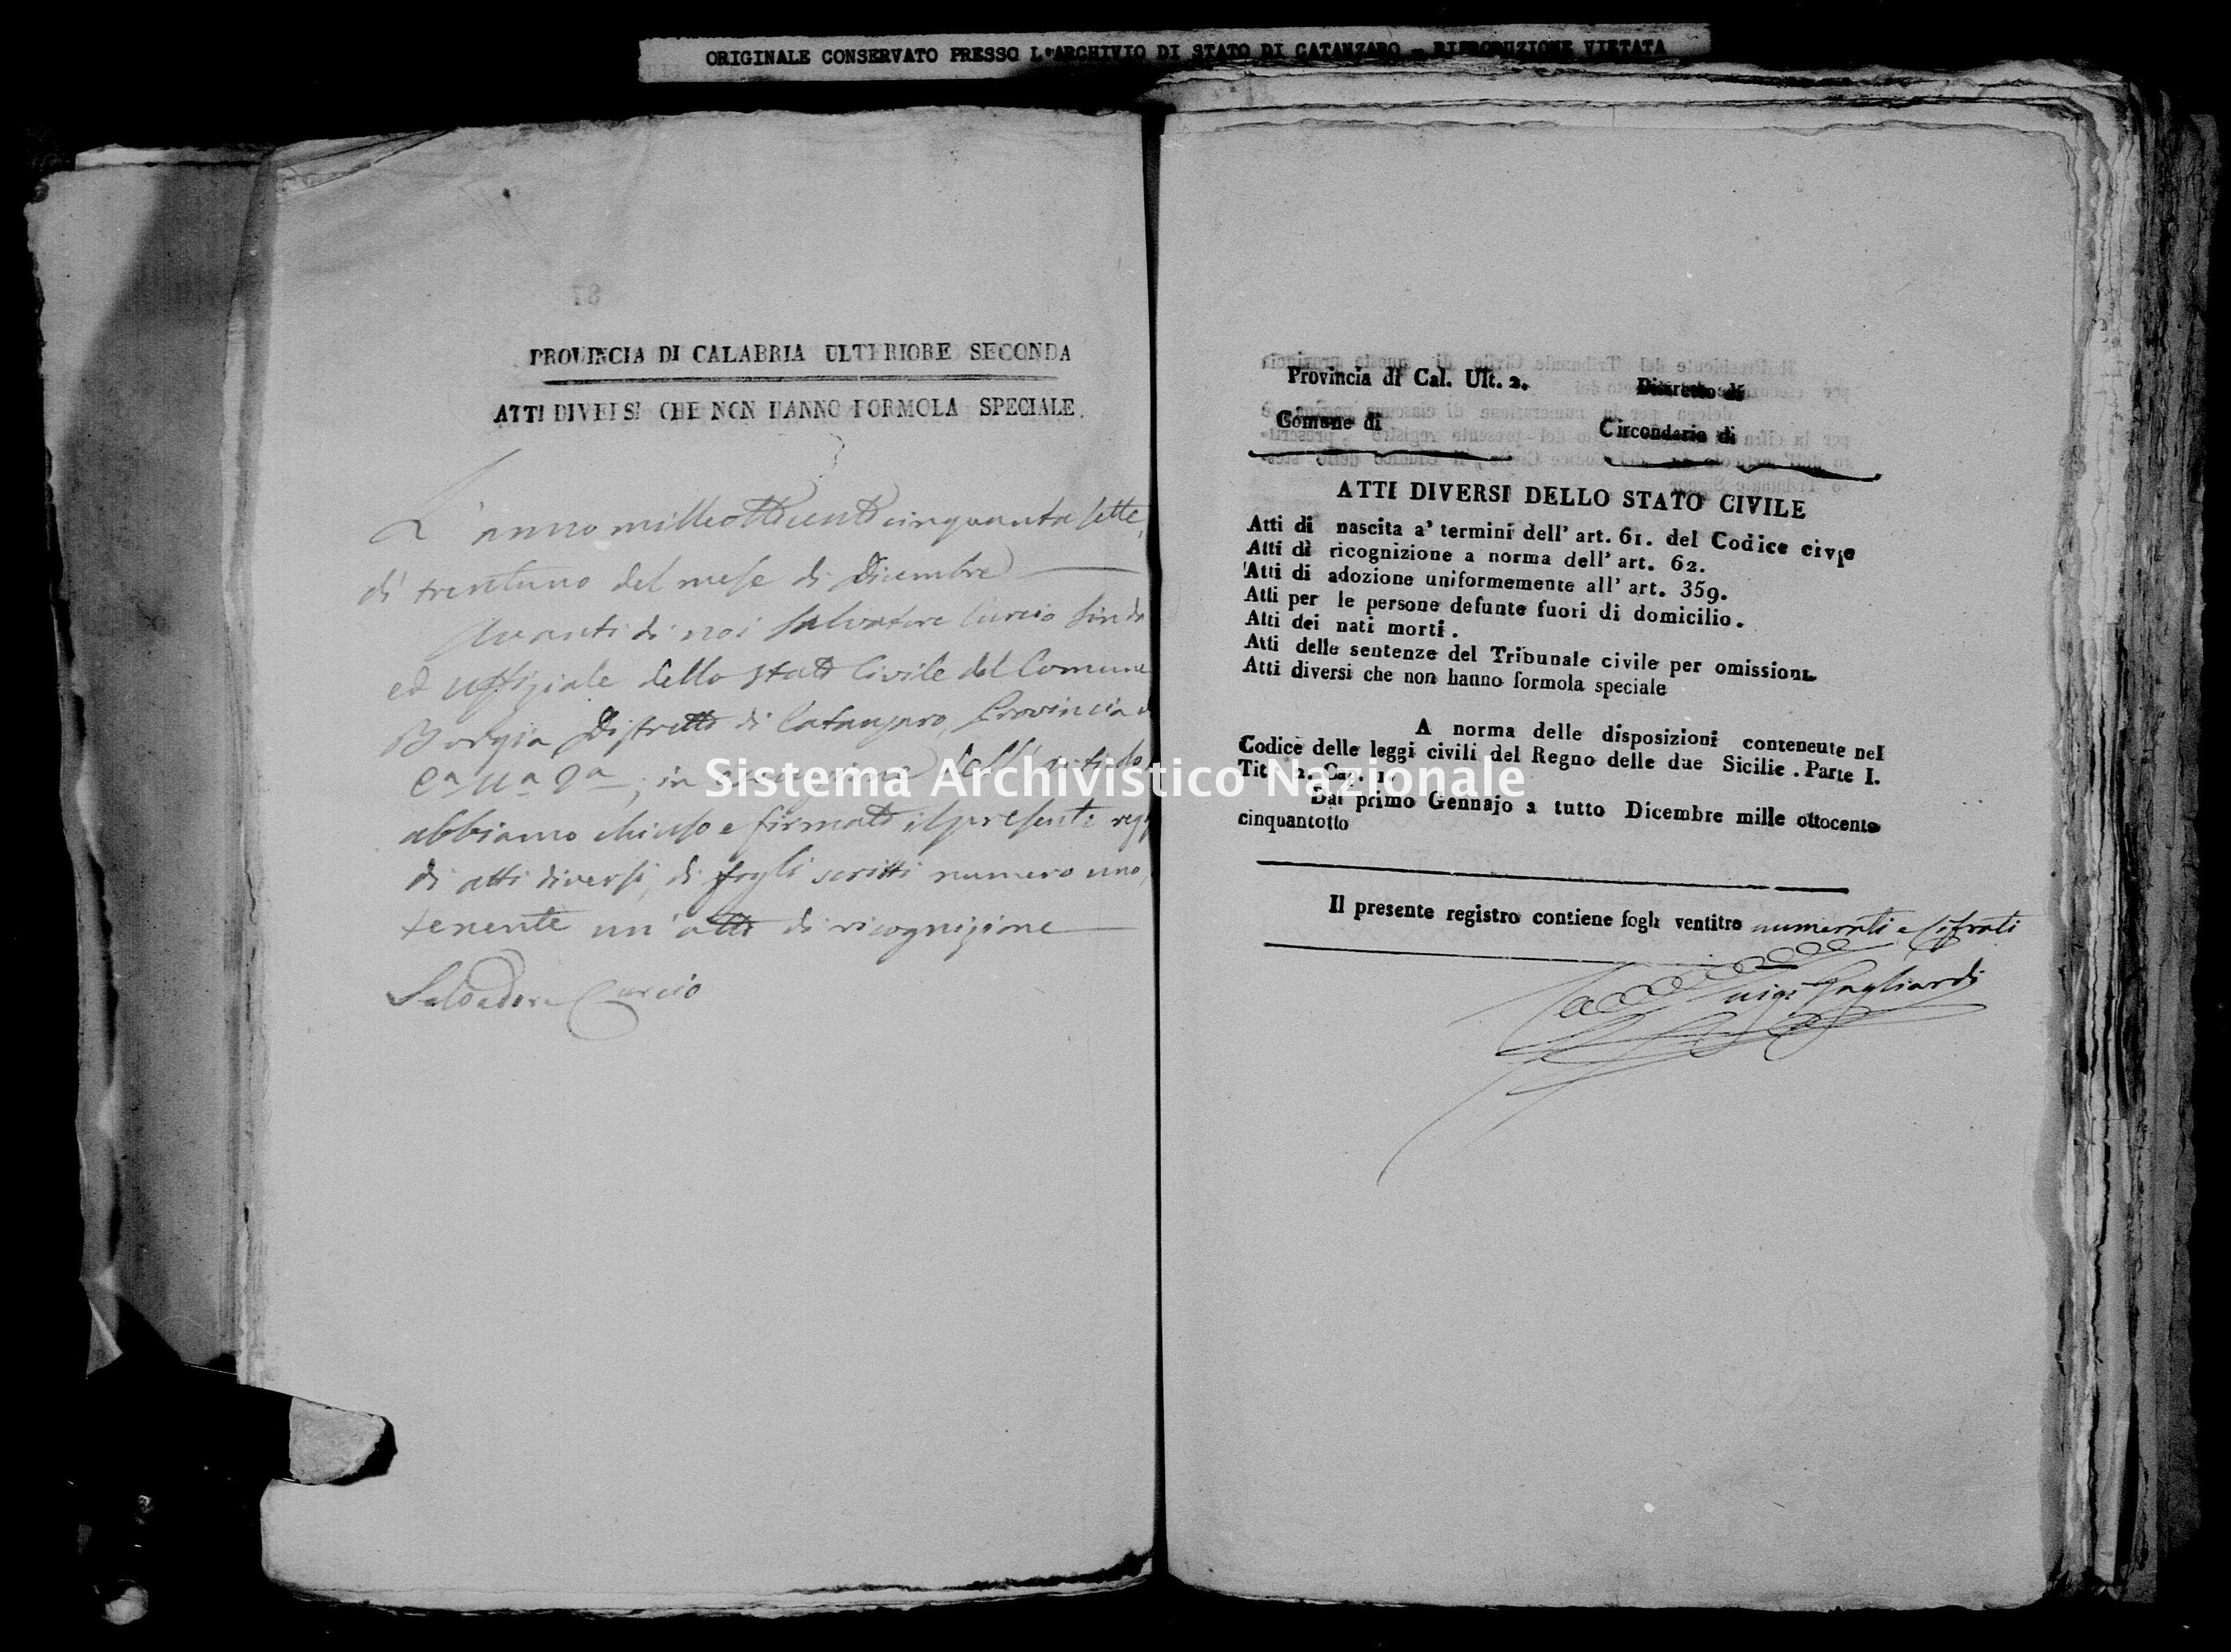 Archivio di stato di Catanzaro - Stato civile della restaurazione - Borgia - Diversi - 1858 -